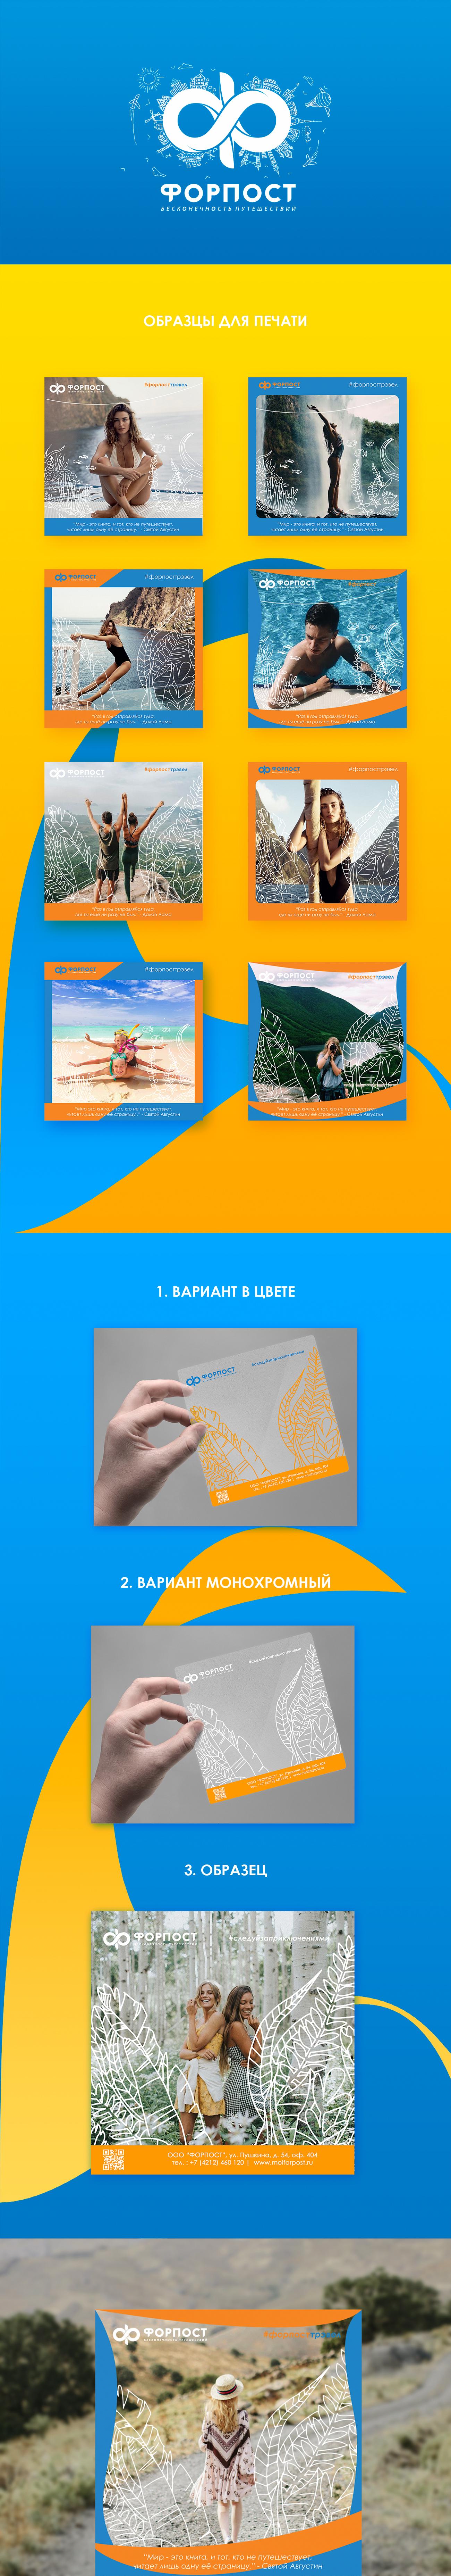 Дизайн флаера на прозрачном пластике (Конкурс - 1 место)